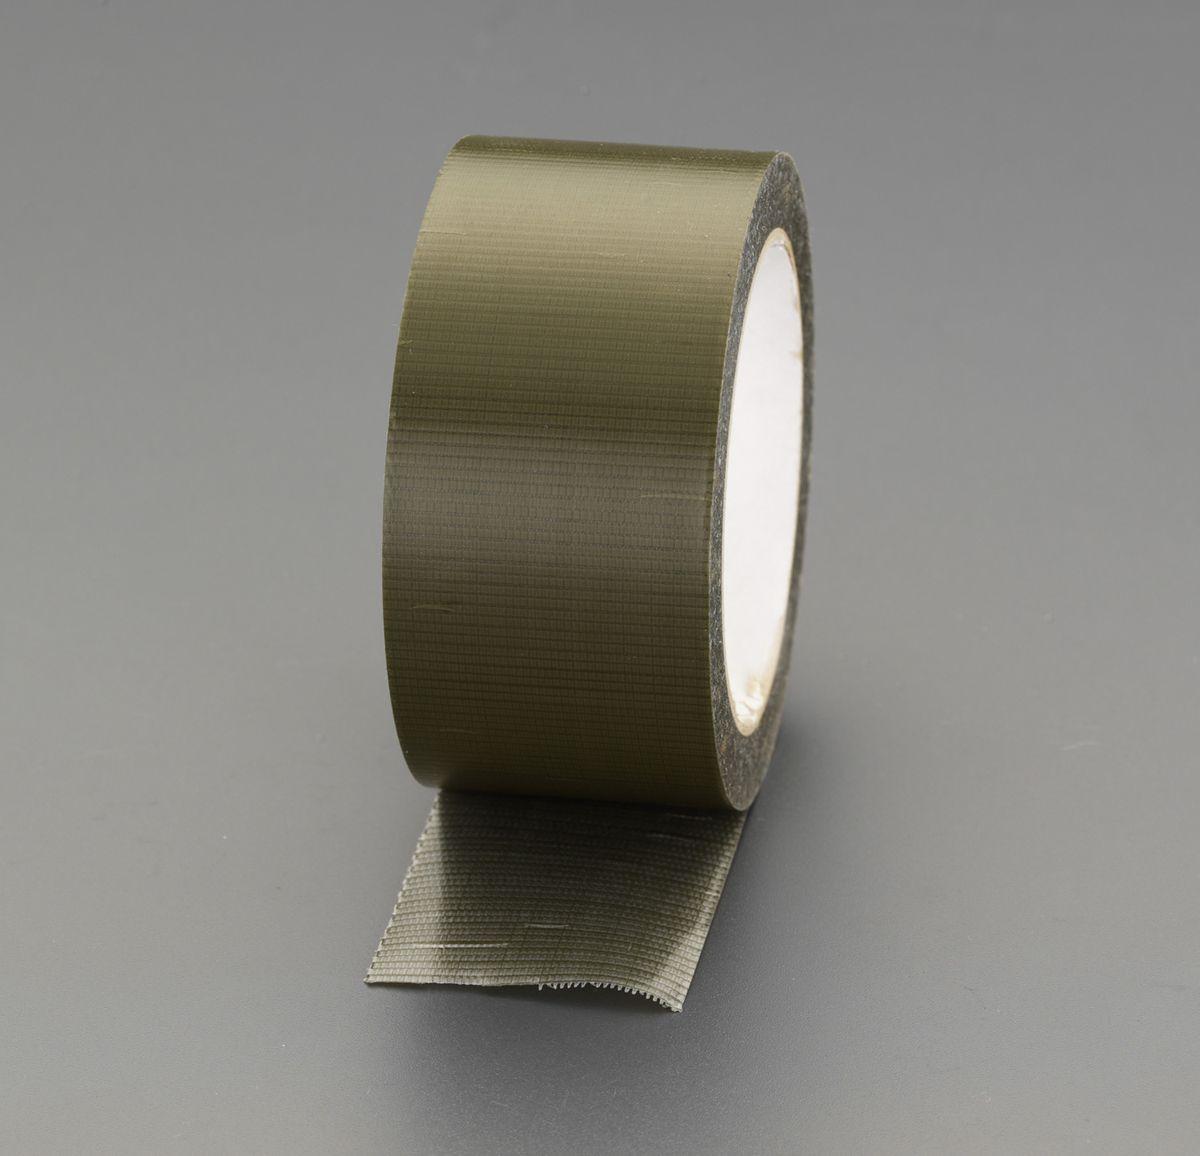 【メーカー在庫あり】 エスコ ESCO 50mmx25m はがせる粘着テープ OD色/30巻 000012252525 JP店